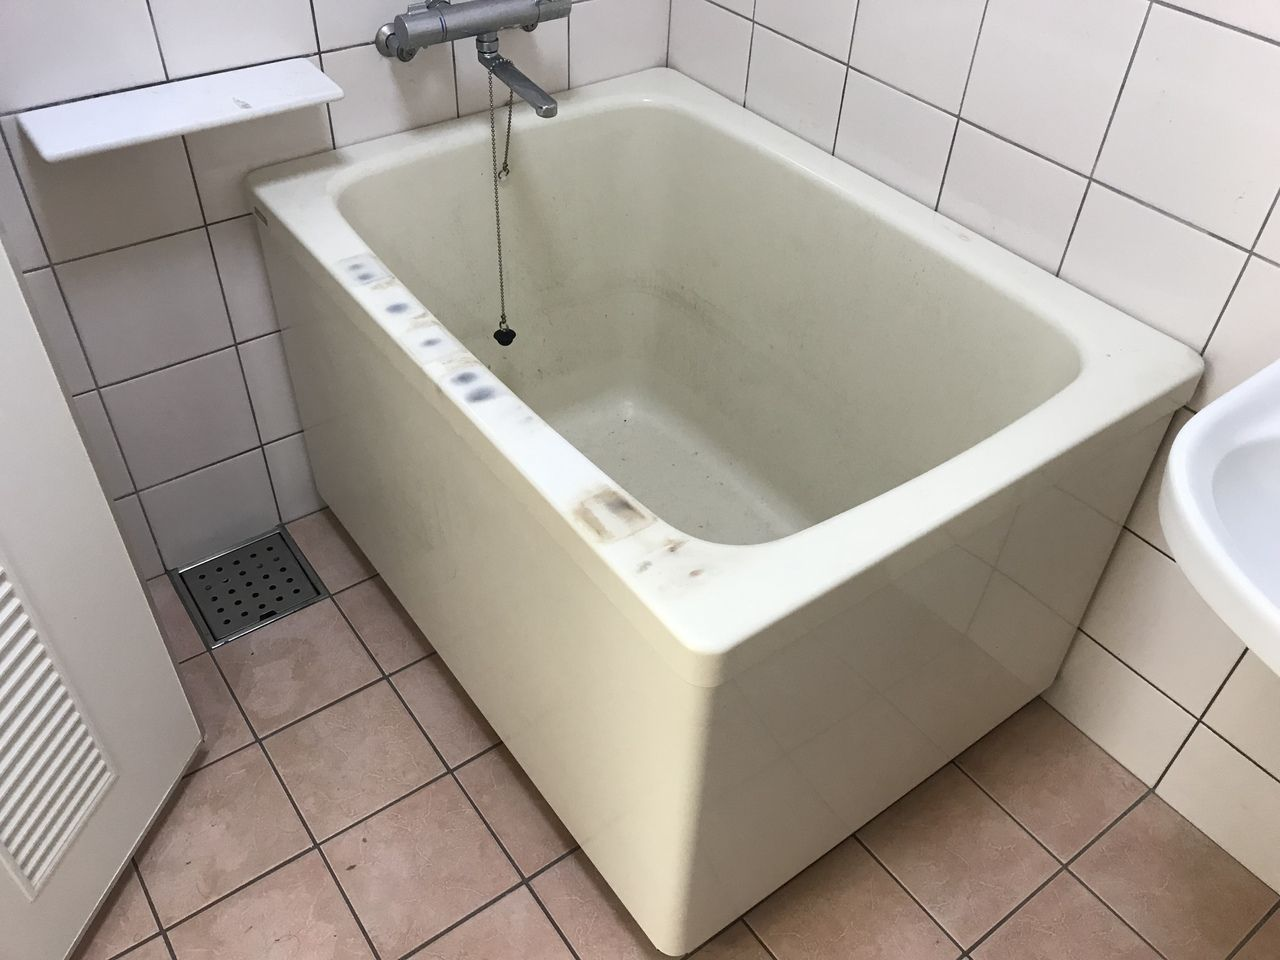 リフォームせずに 新品のようになる理由 施工前 毎日使う浴室ですから 当然日々傷んで行きます クリーニング屋さんに頼んでもキレイにならなかった でもリフォームするお金も無いと お悩みの方 詳しくは Http Coating Okinawa Co 浴室リフォーム